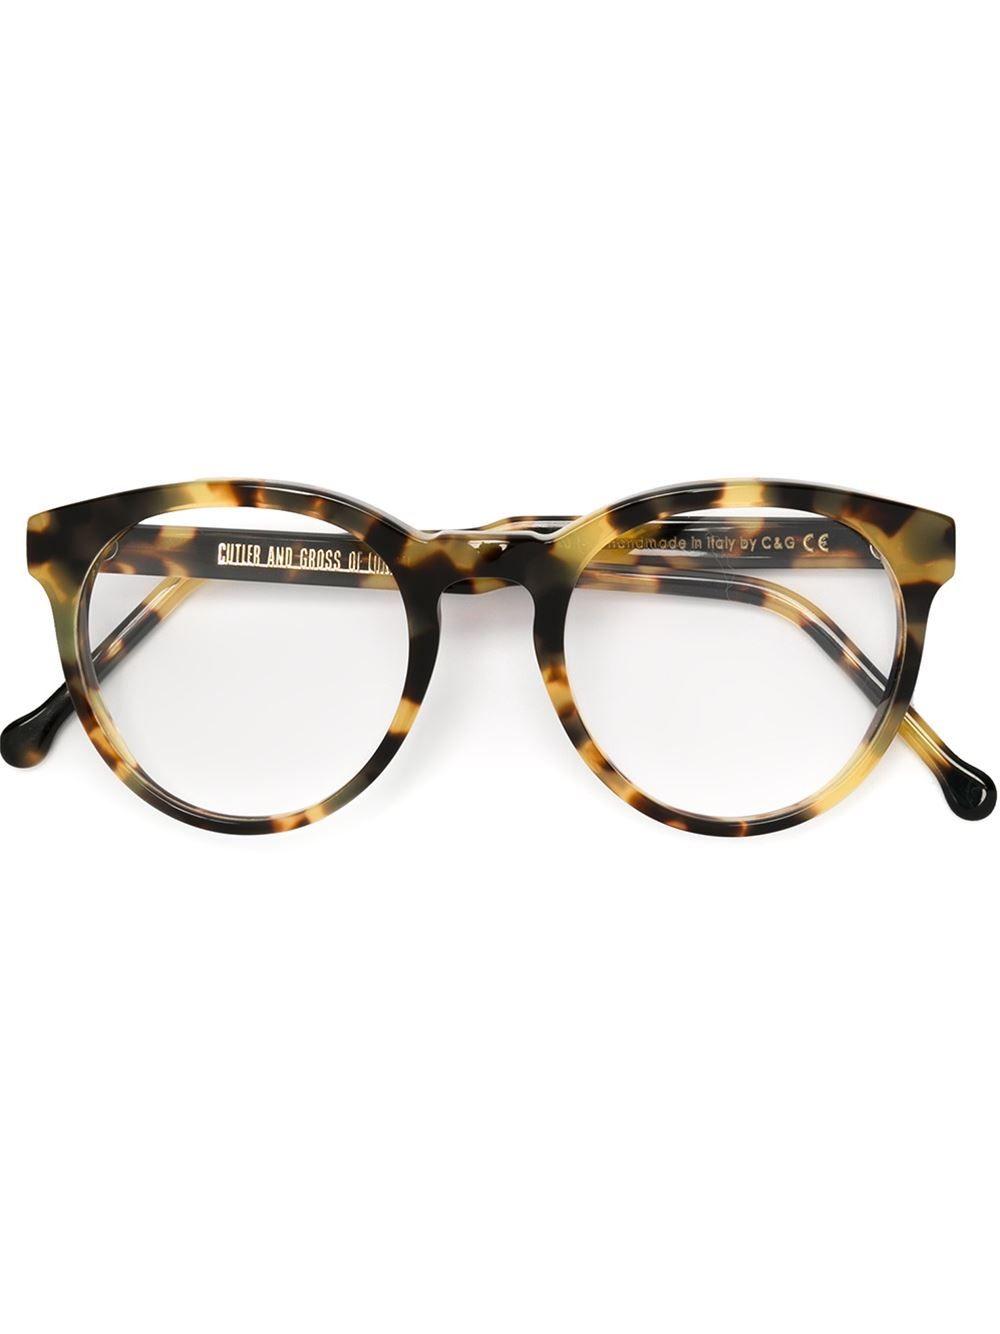 43597de79907 Cutler & Gross Round Frame Glasses - Mode De Vue - Farfetch.com ...